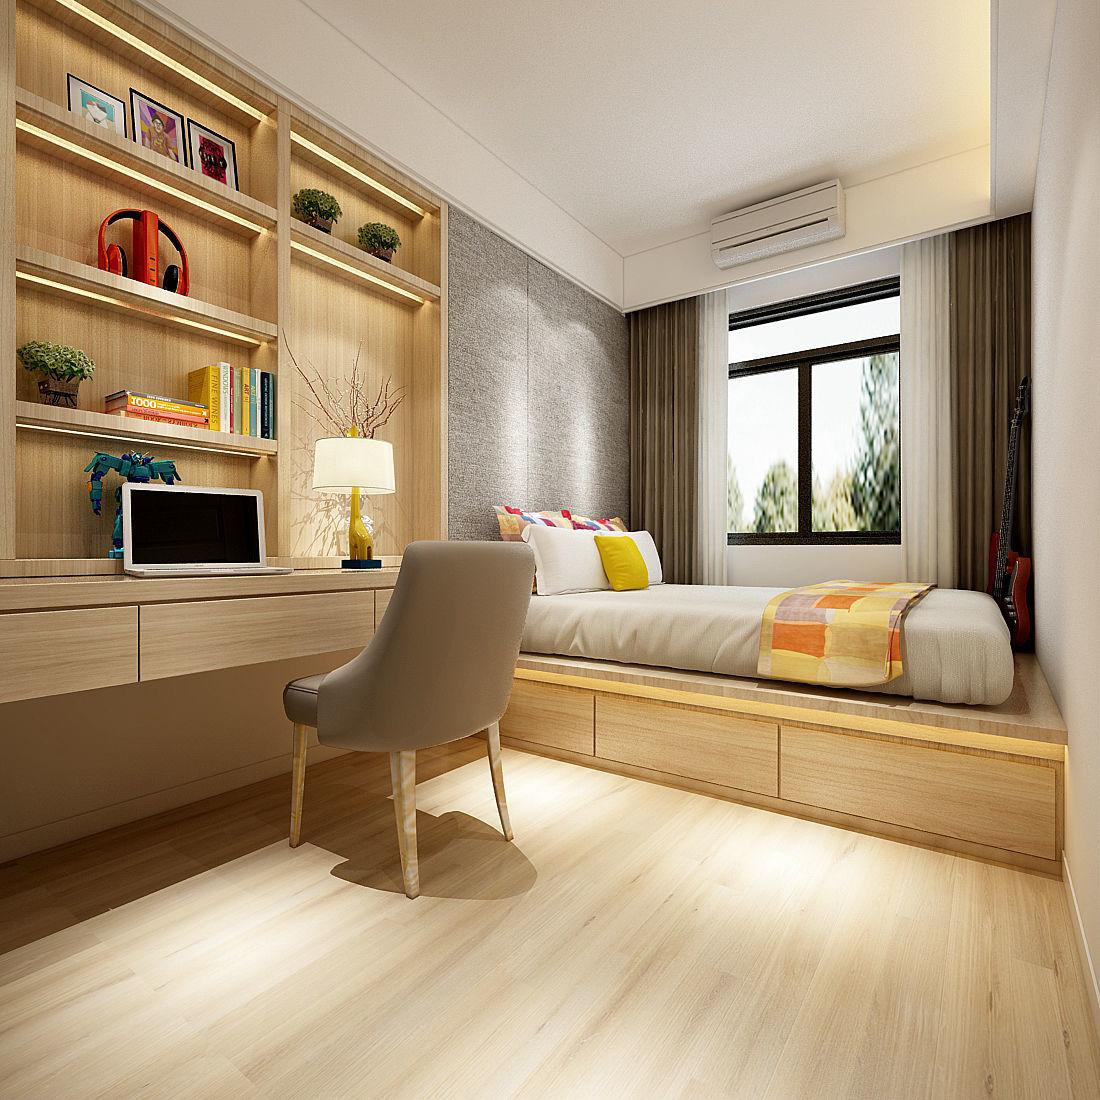 3D model Deluxe master bedroom design 35   CGTrader on New Model Bedroom Design  id=58555